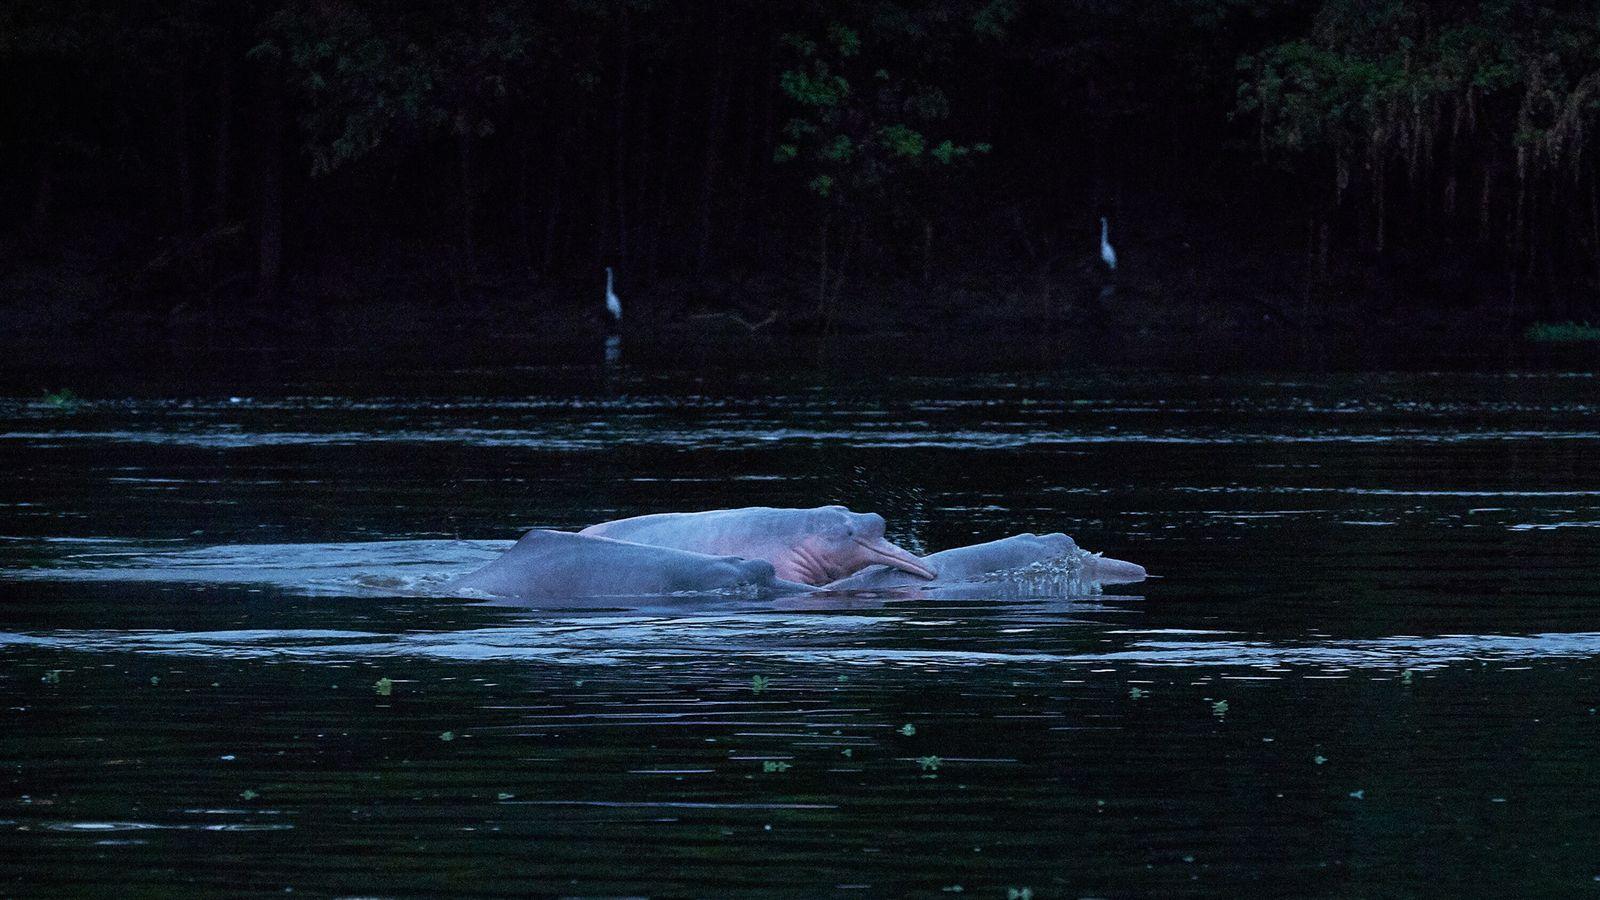 Los delfines rosados afloran en la reserva de desarrollo sostenible Mamirauá en Amazonas. Son comunes en ...